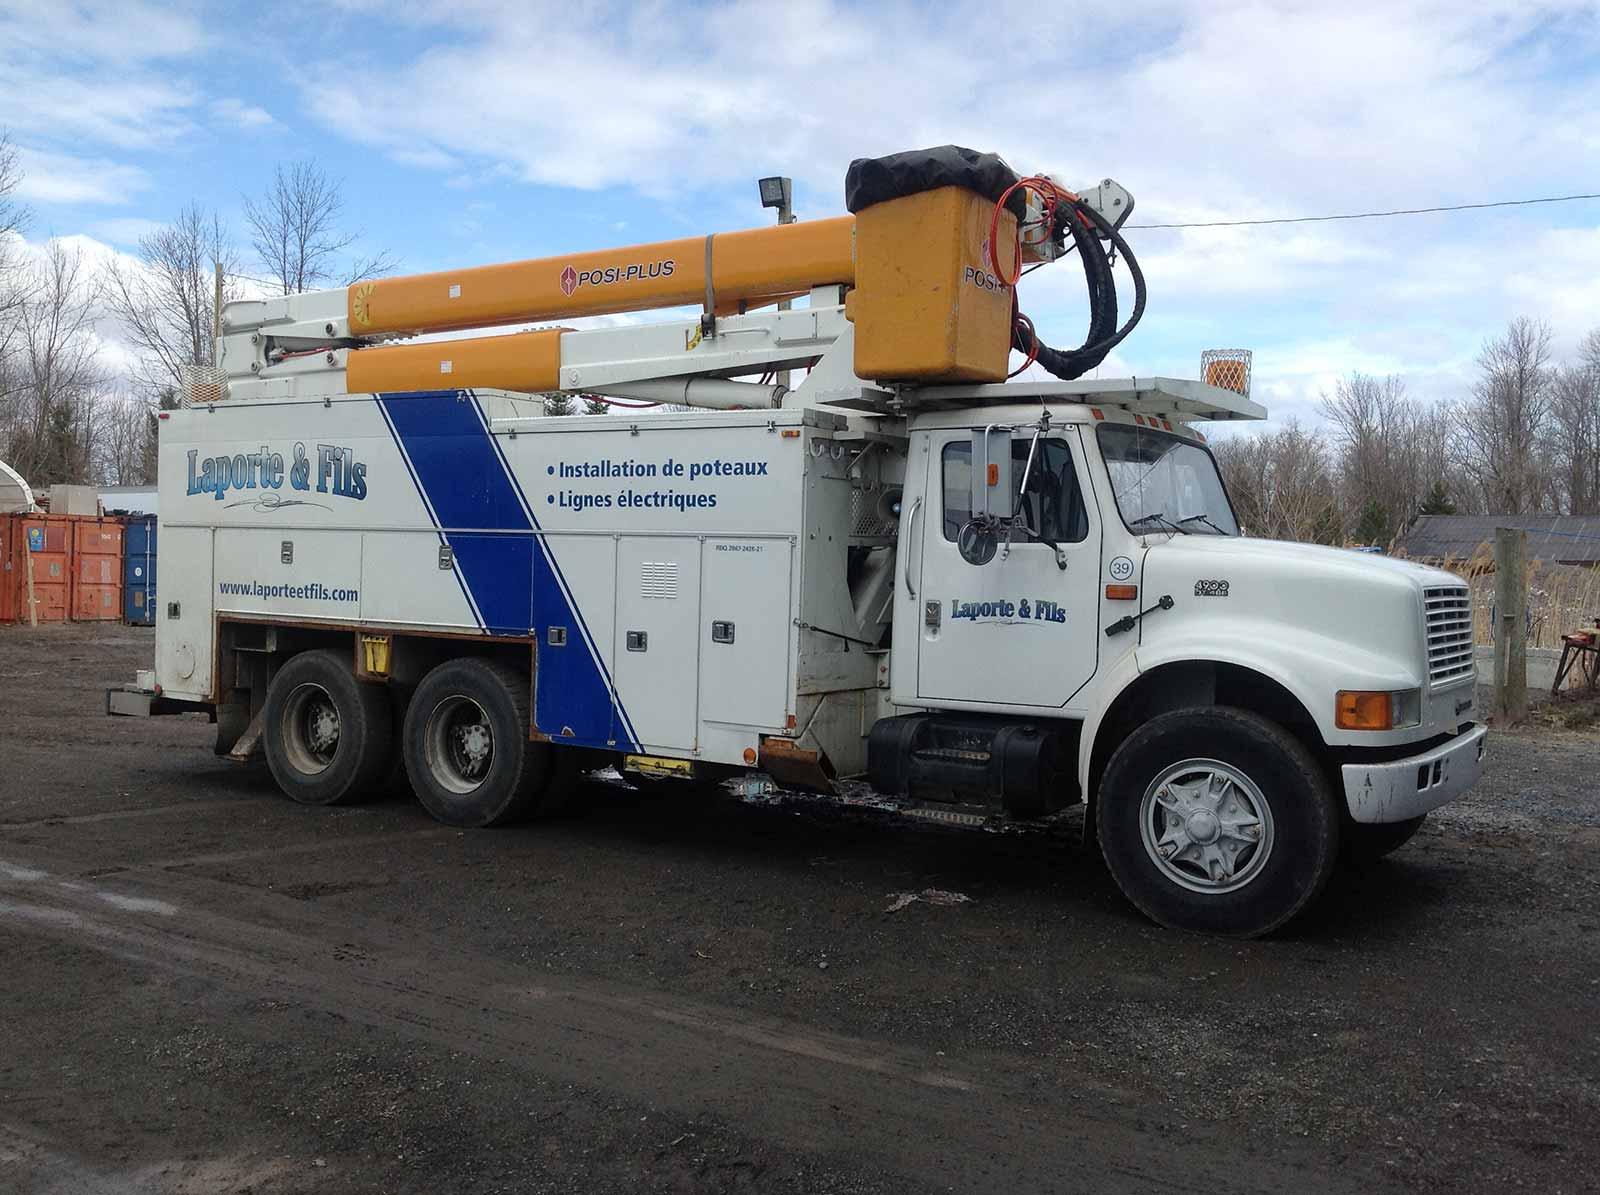 camion et équipement pour l'installation des poteaux - Laporte & Fils